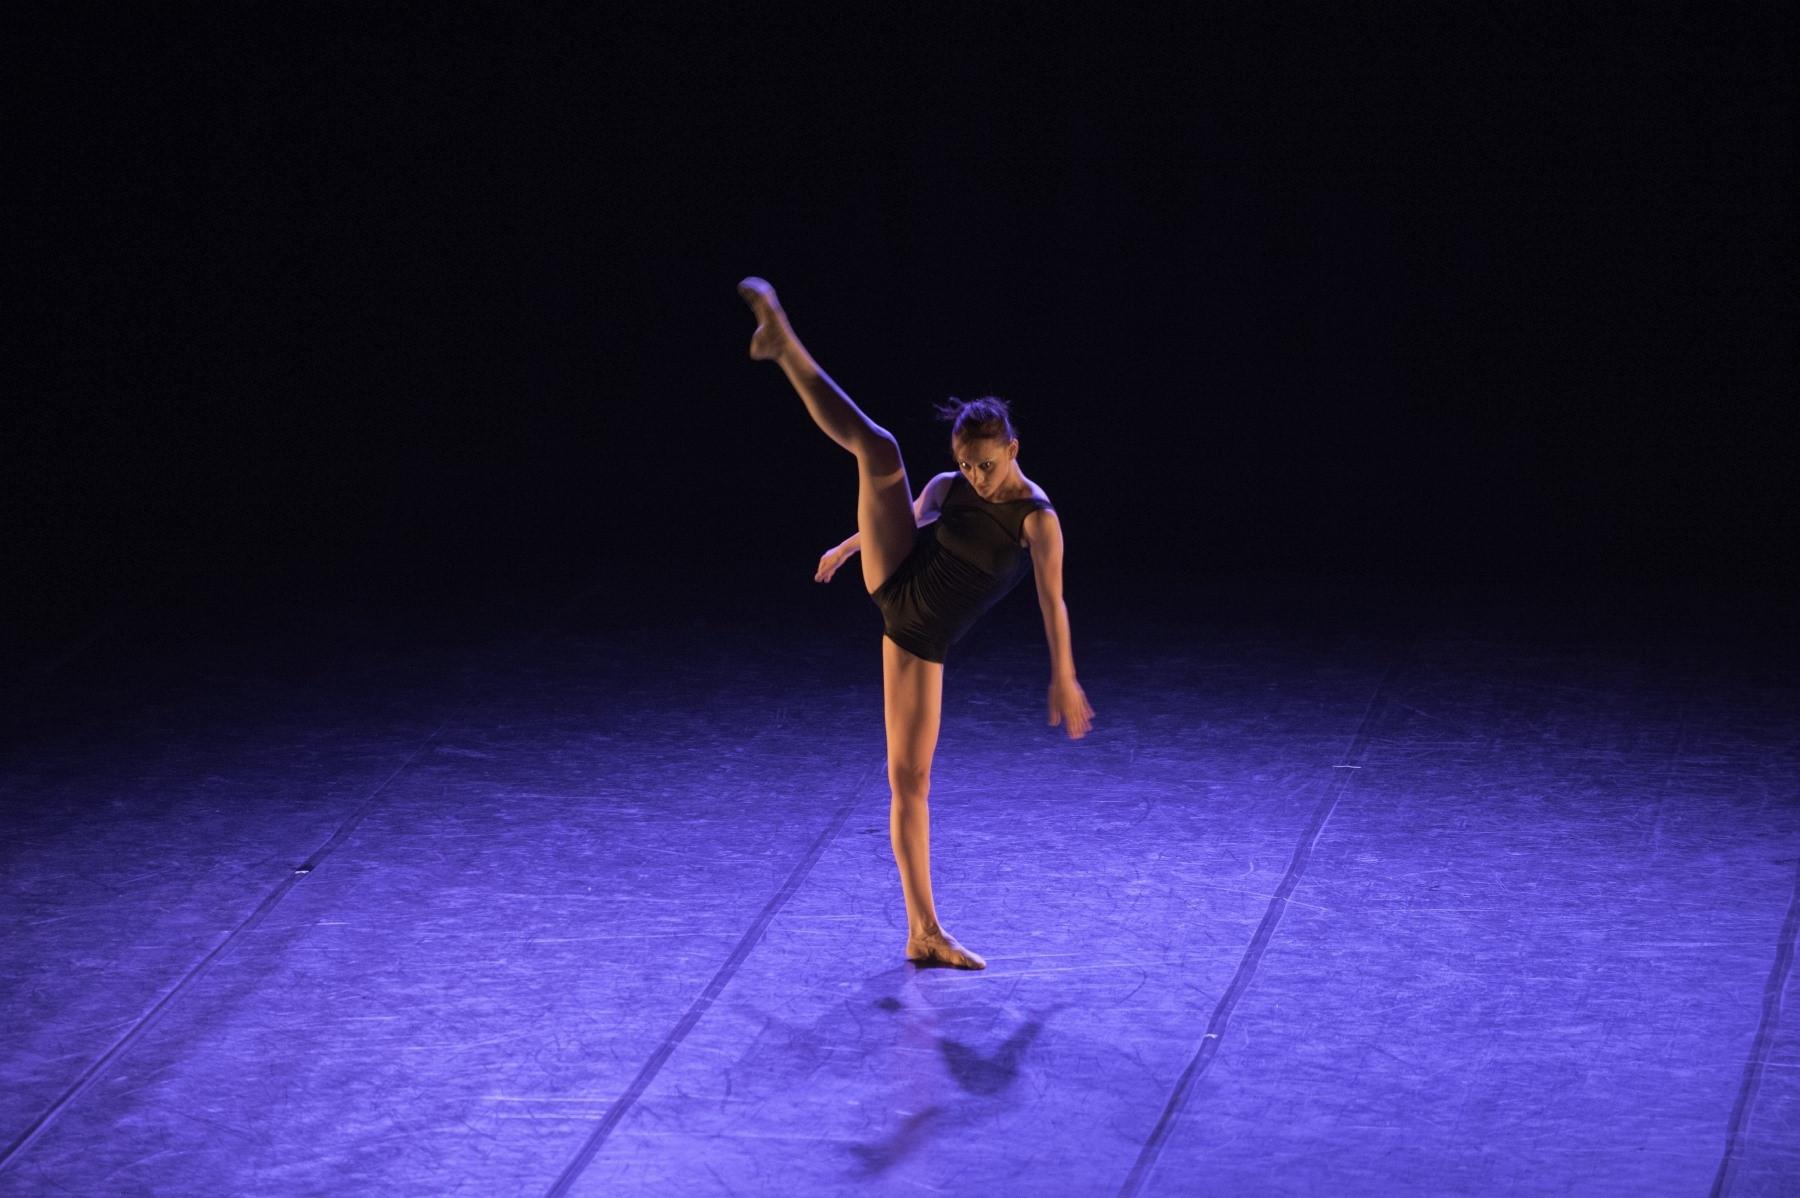 Gabriele-Rossi-111 Dance